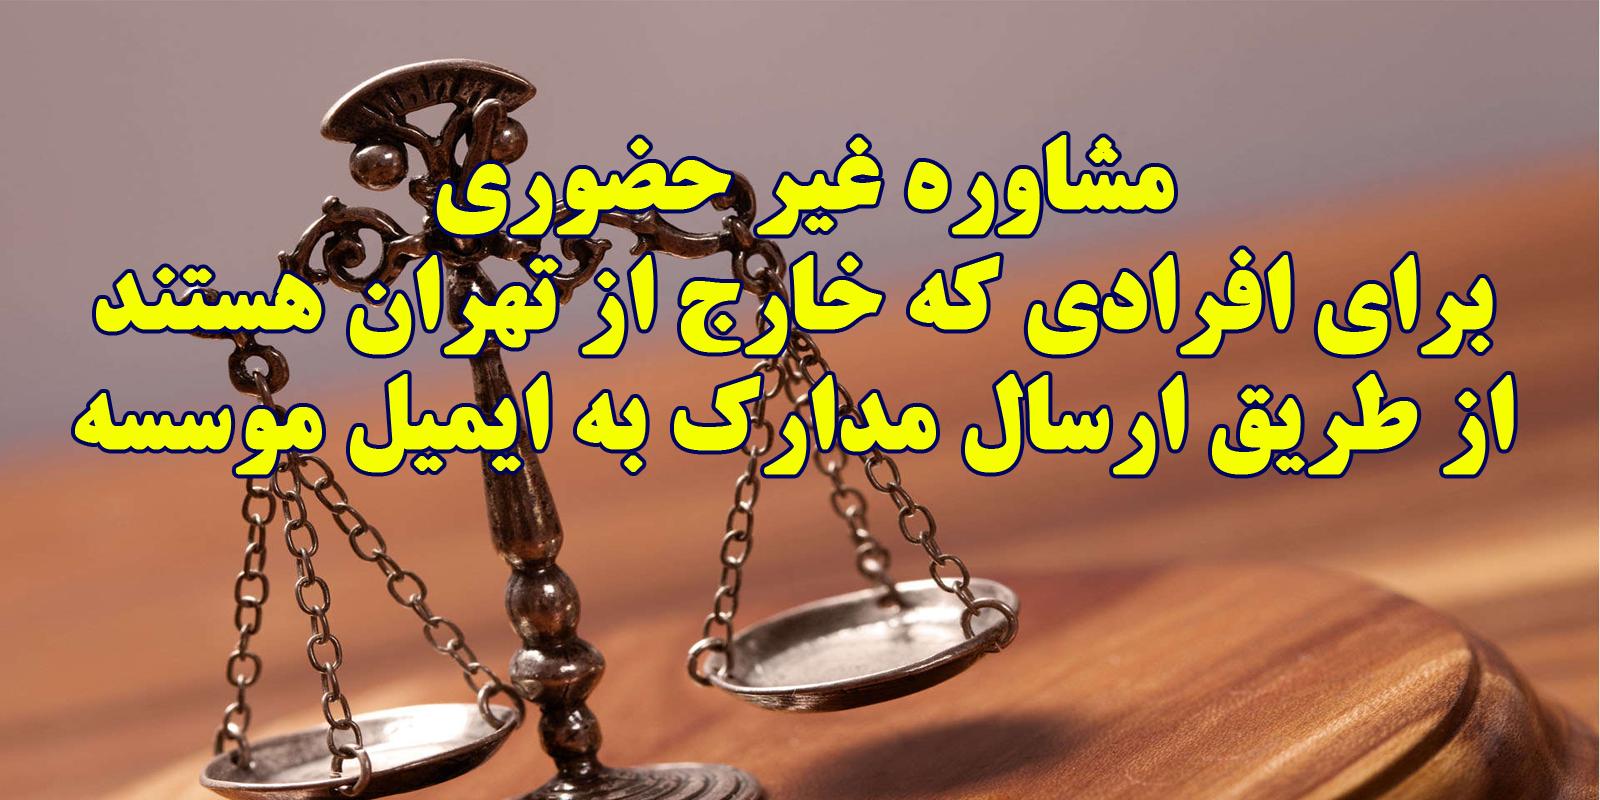 شماره وکیل خانواده در تهران